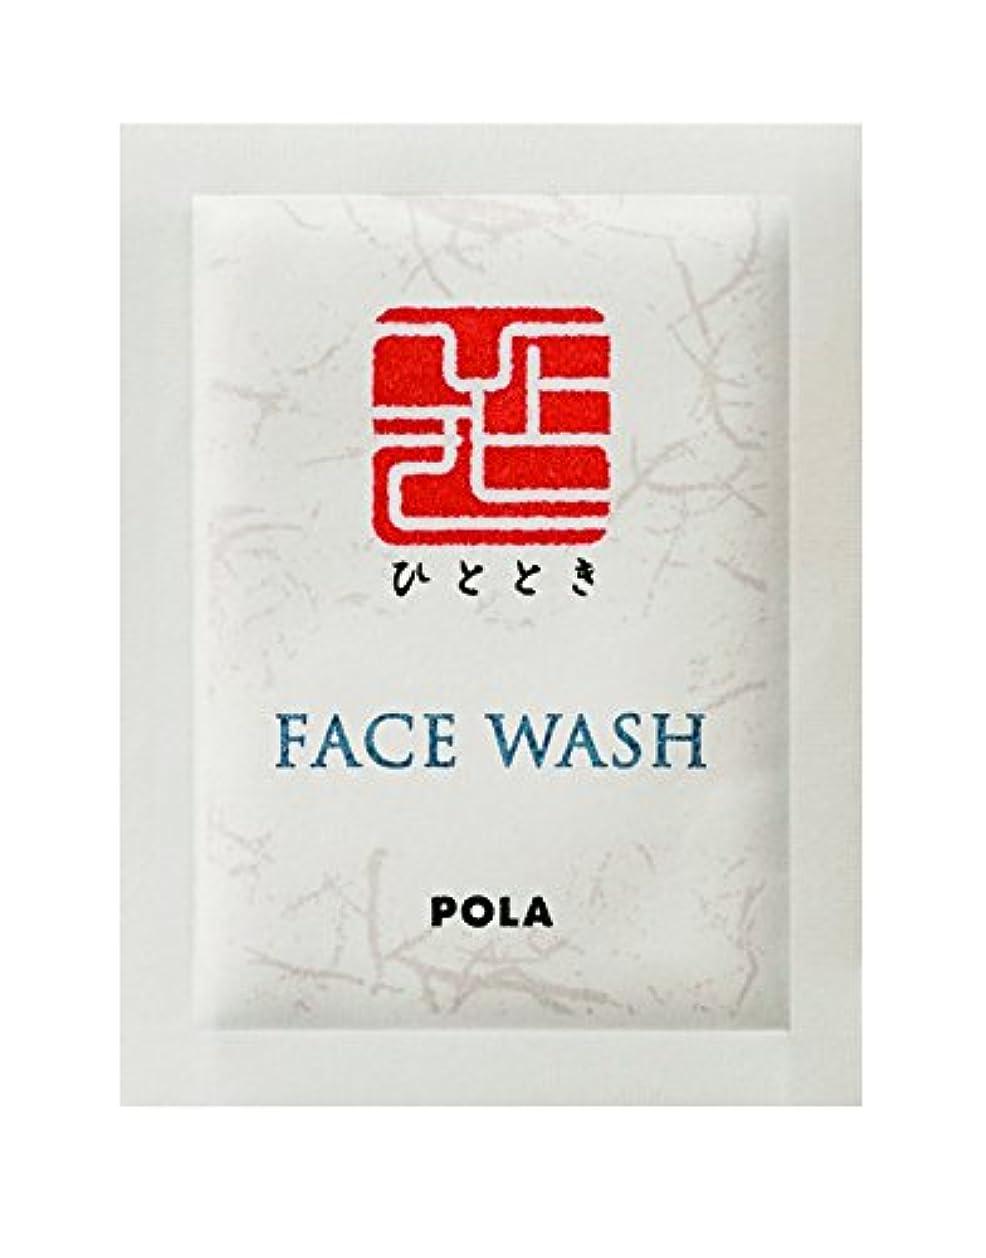 ロードされた前文本当のことを言うとPOLA ひととき フェイスウォッシュ 洗顔料 個包装タイプ 2g×100包